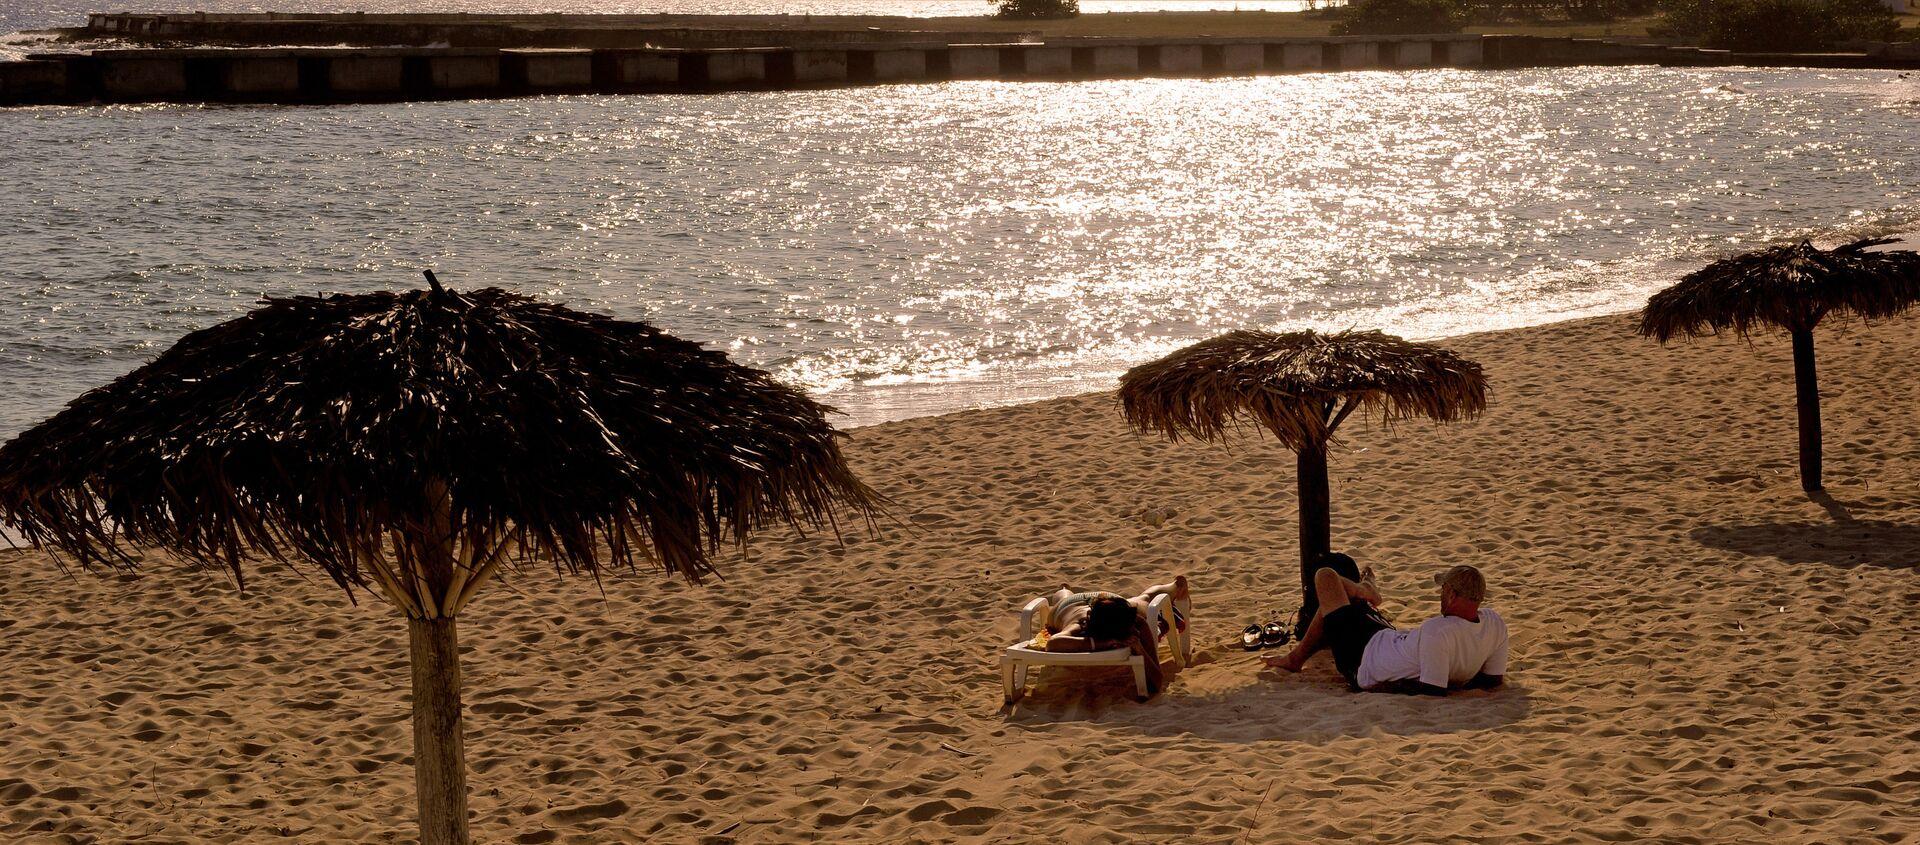 Una playa en Cuba (imagen referencial) - Sputnik Mundo, 1920, 26.08.2017